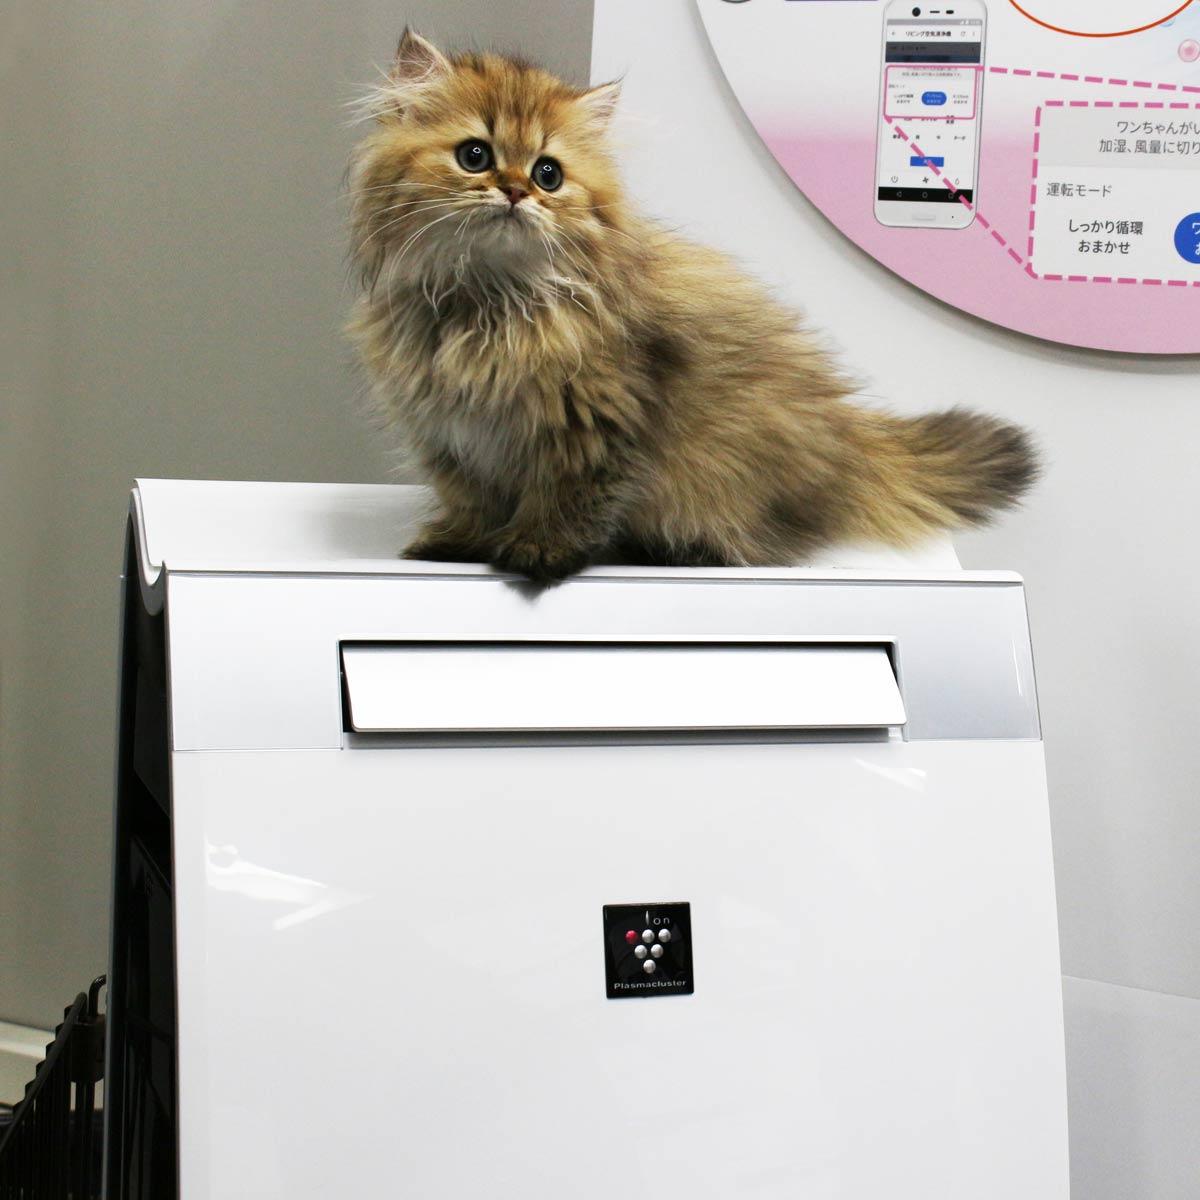 犬や猫を飼っている人に最適! 「ペット専用運転」を搭載したシャープの加湿空気清浄機